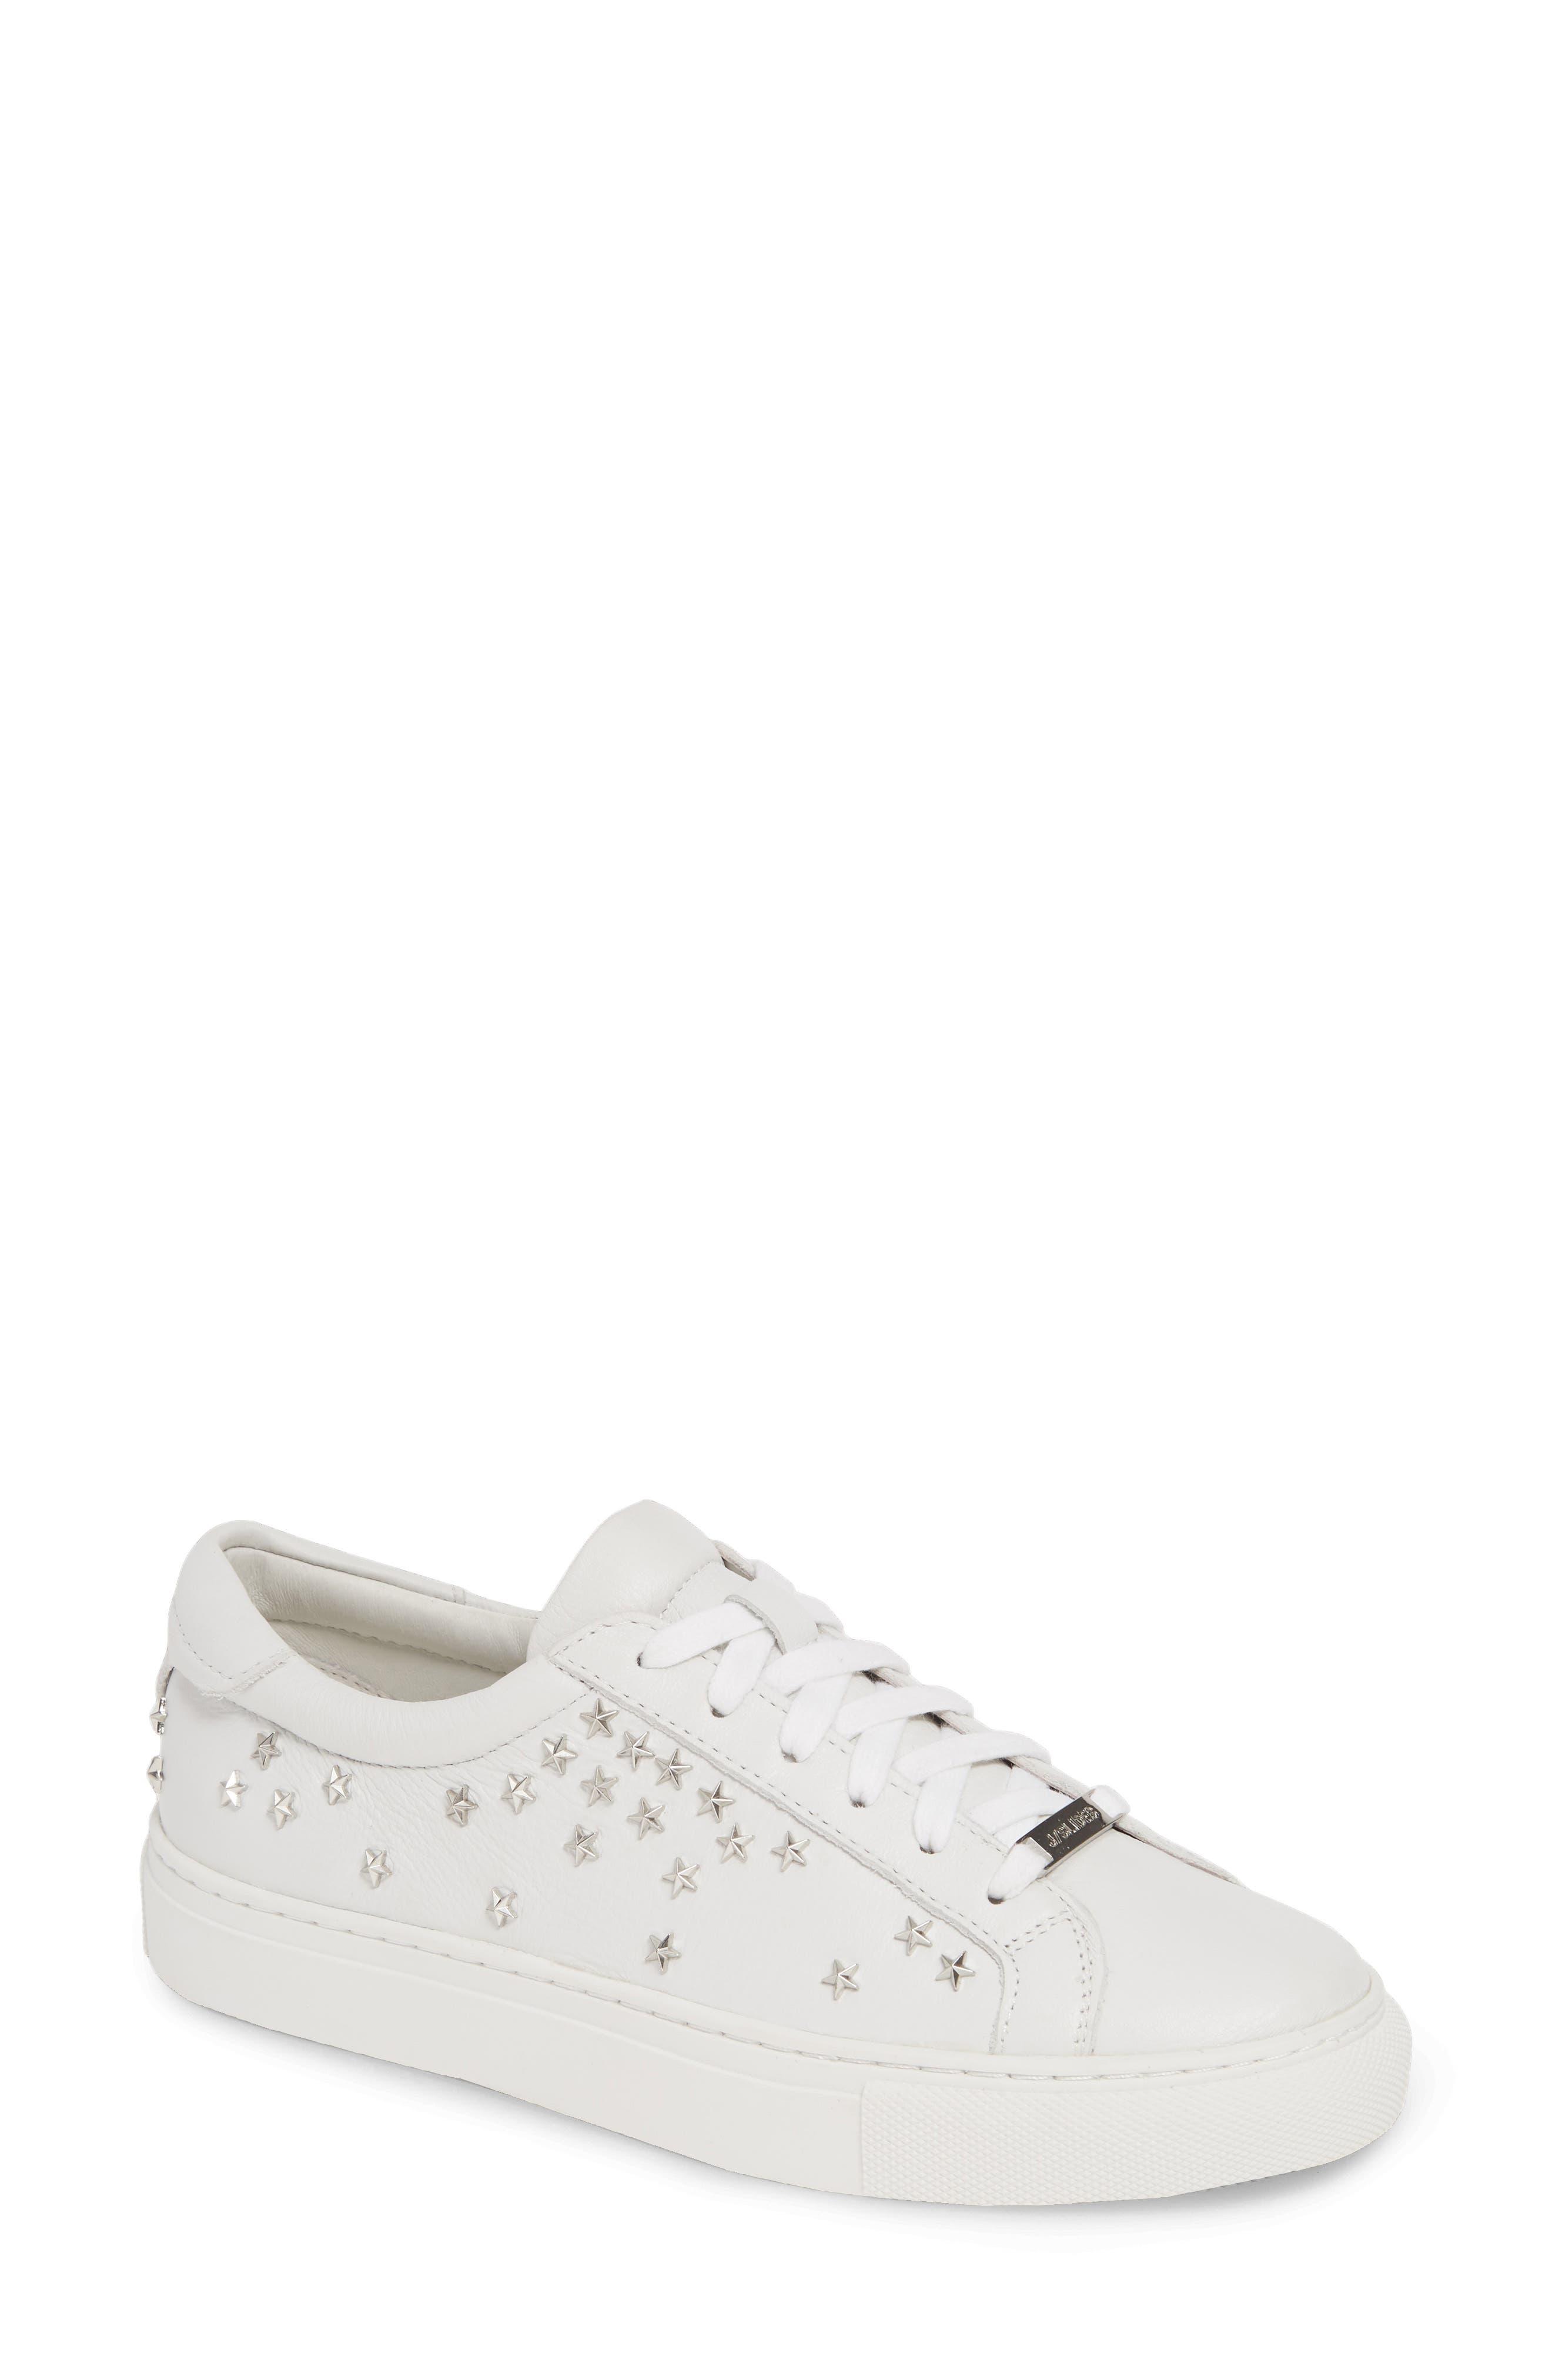 Jslides Liberty Sneaker, White